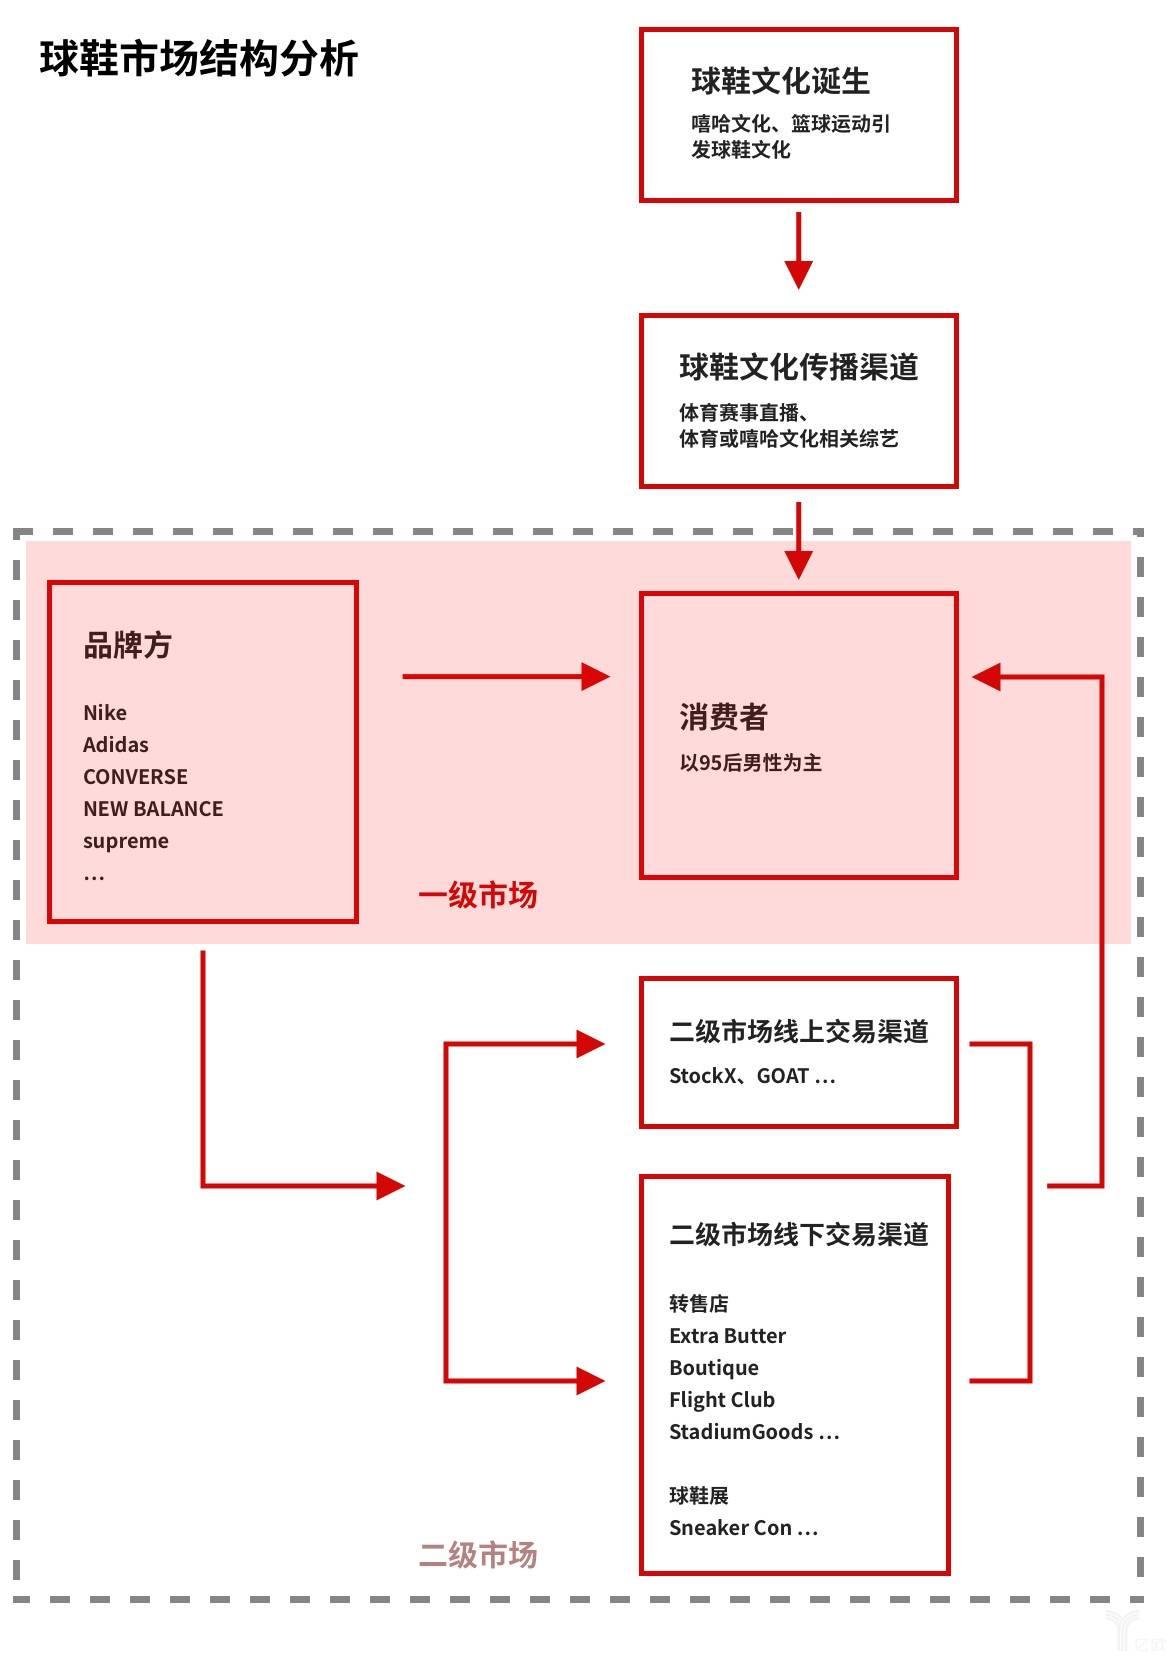 球鞋市场结构分析